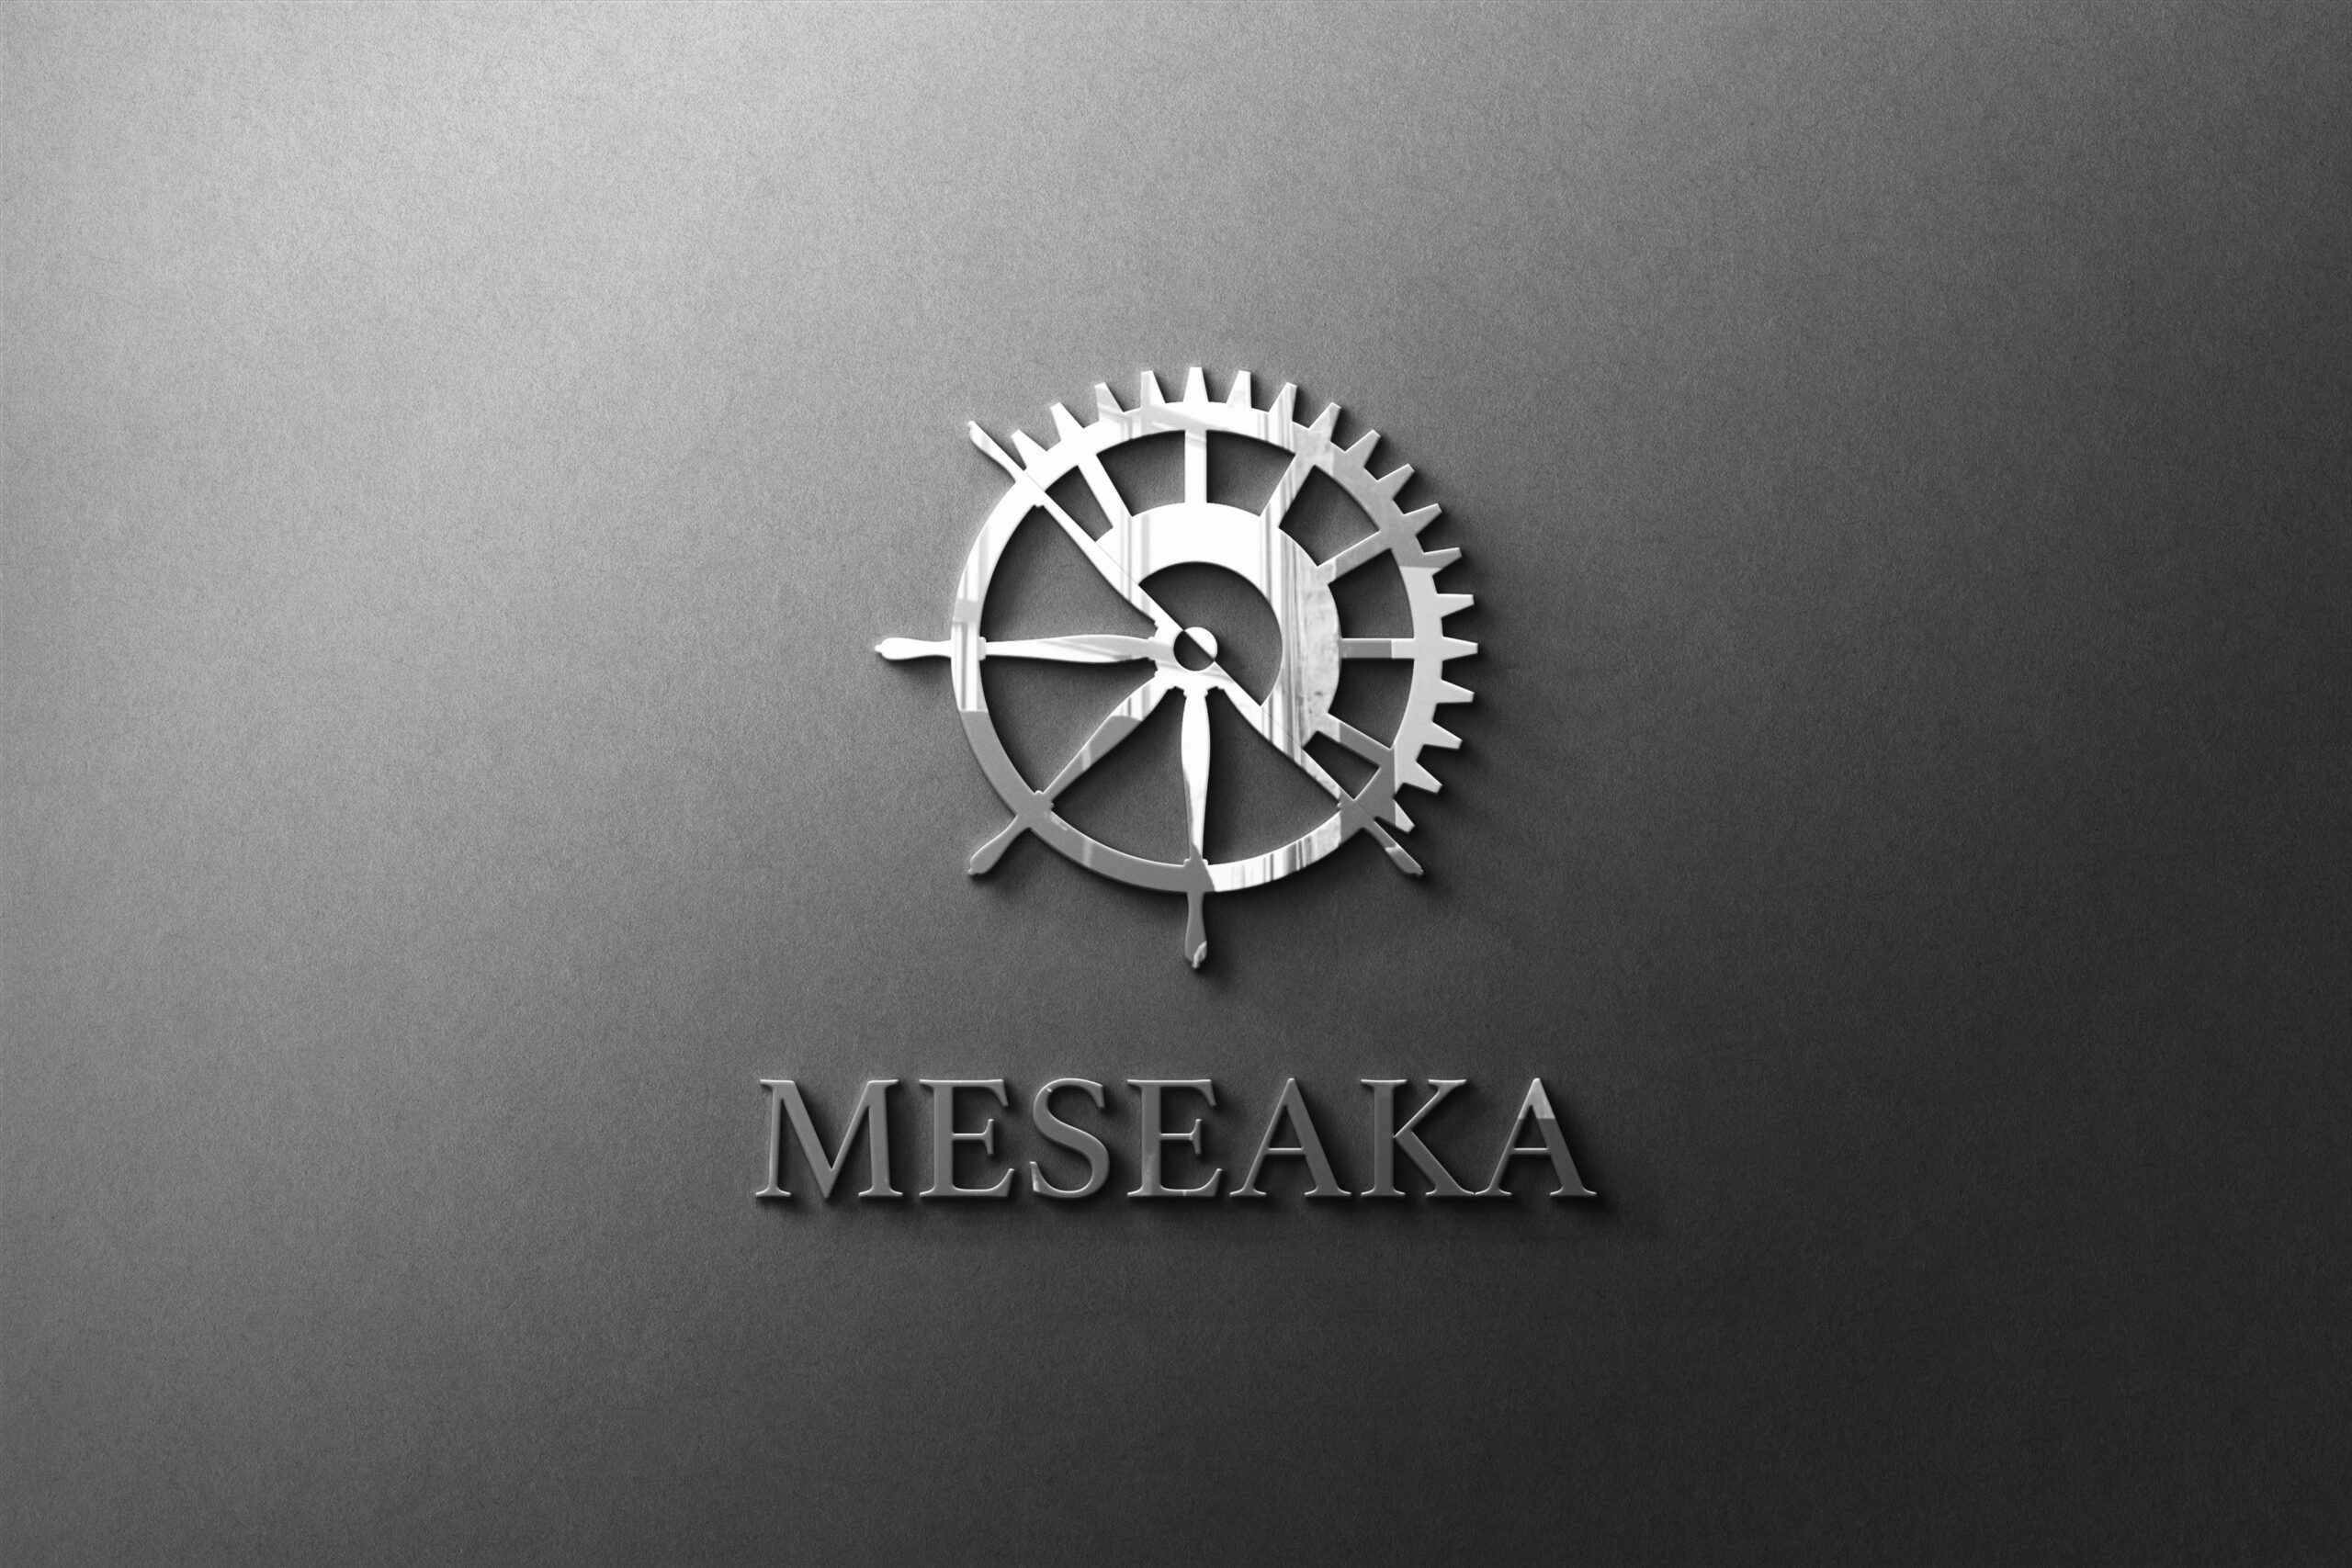 עיצוב לוגו לטכנאי סירות